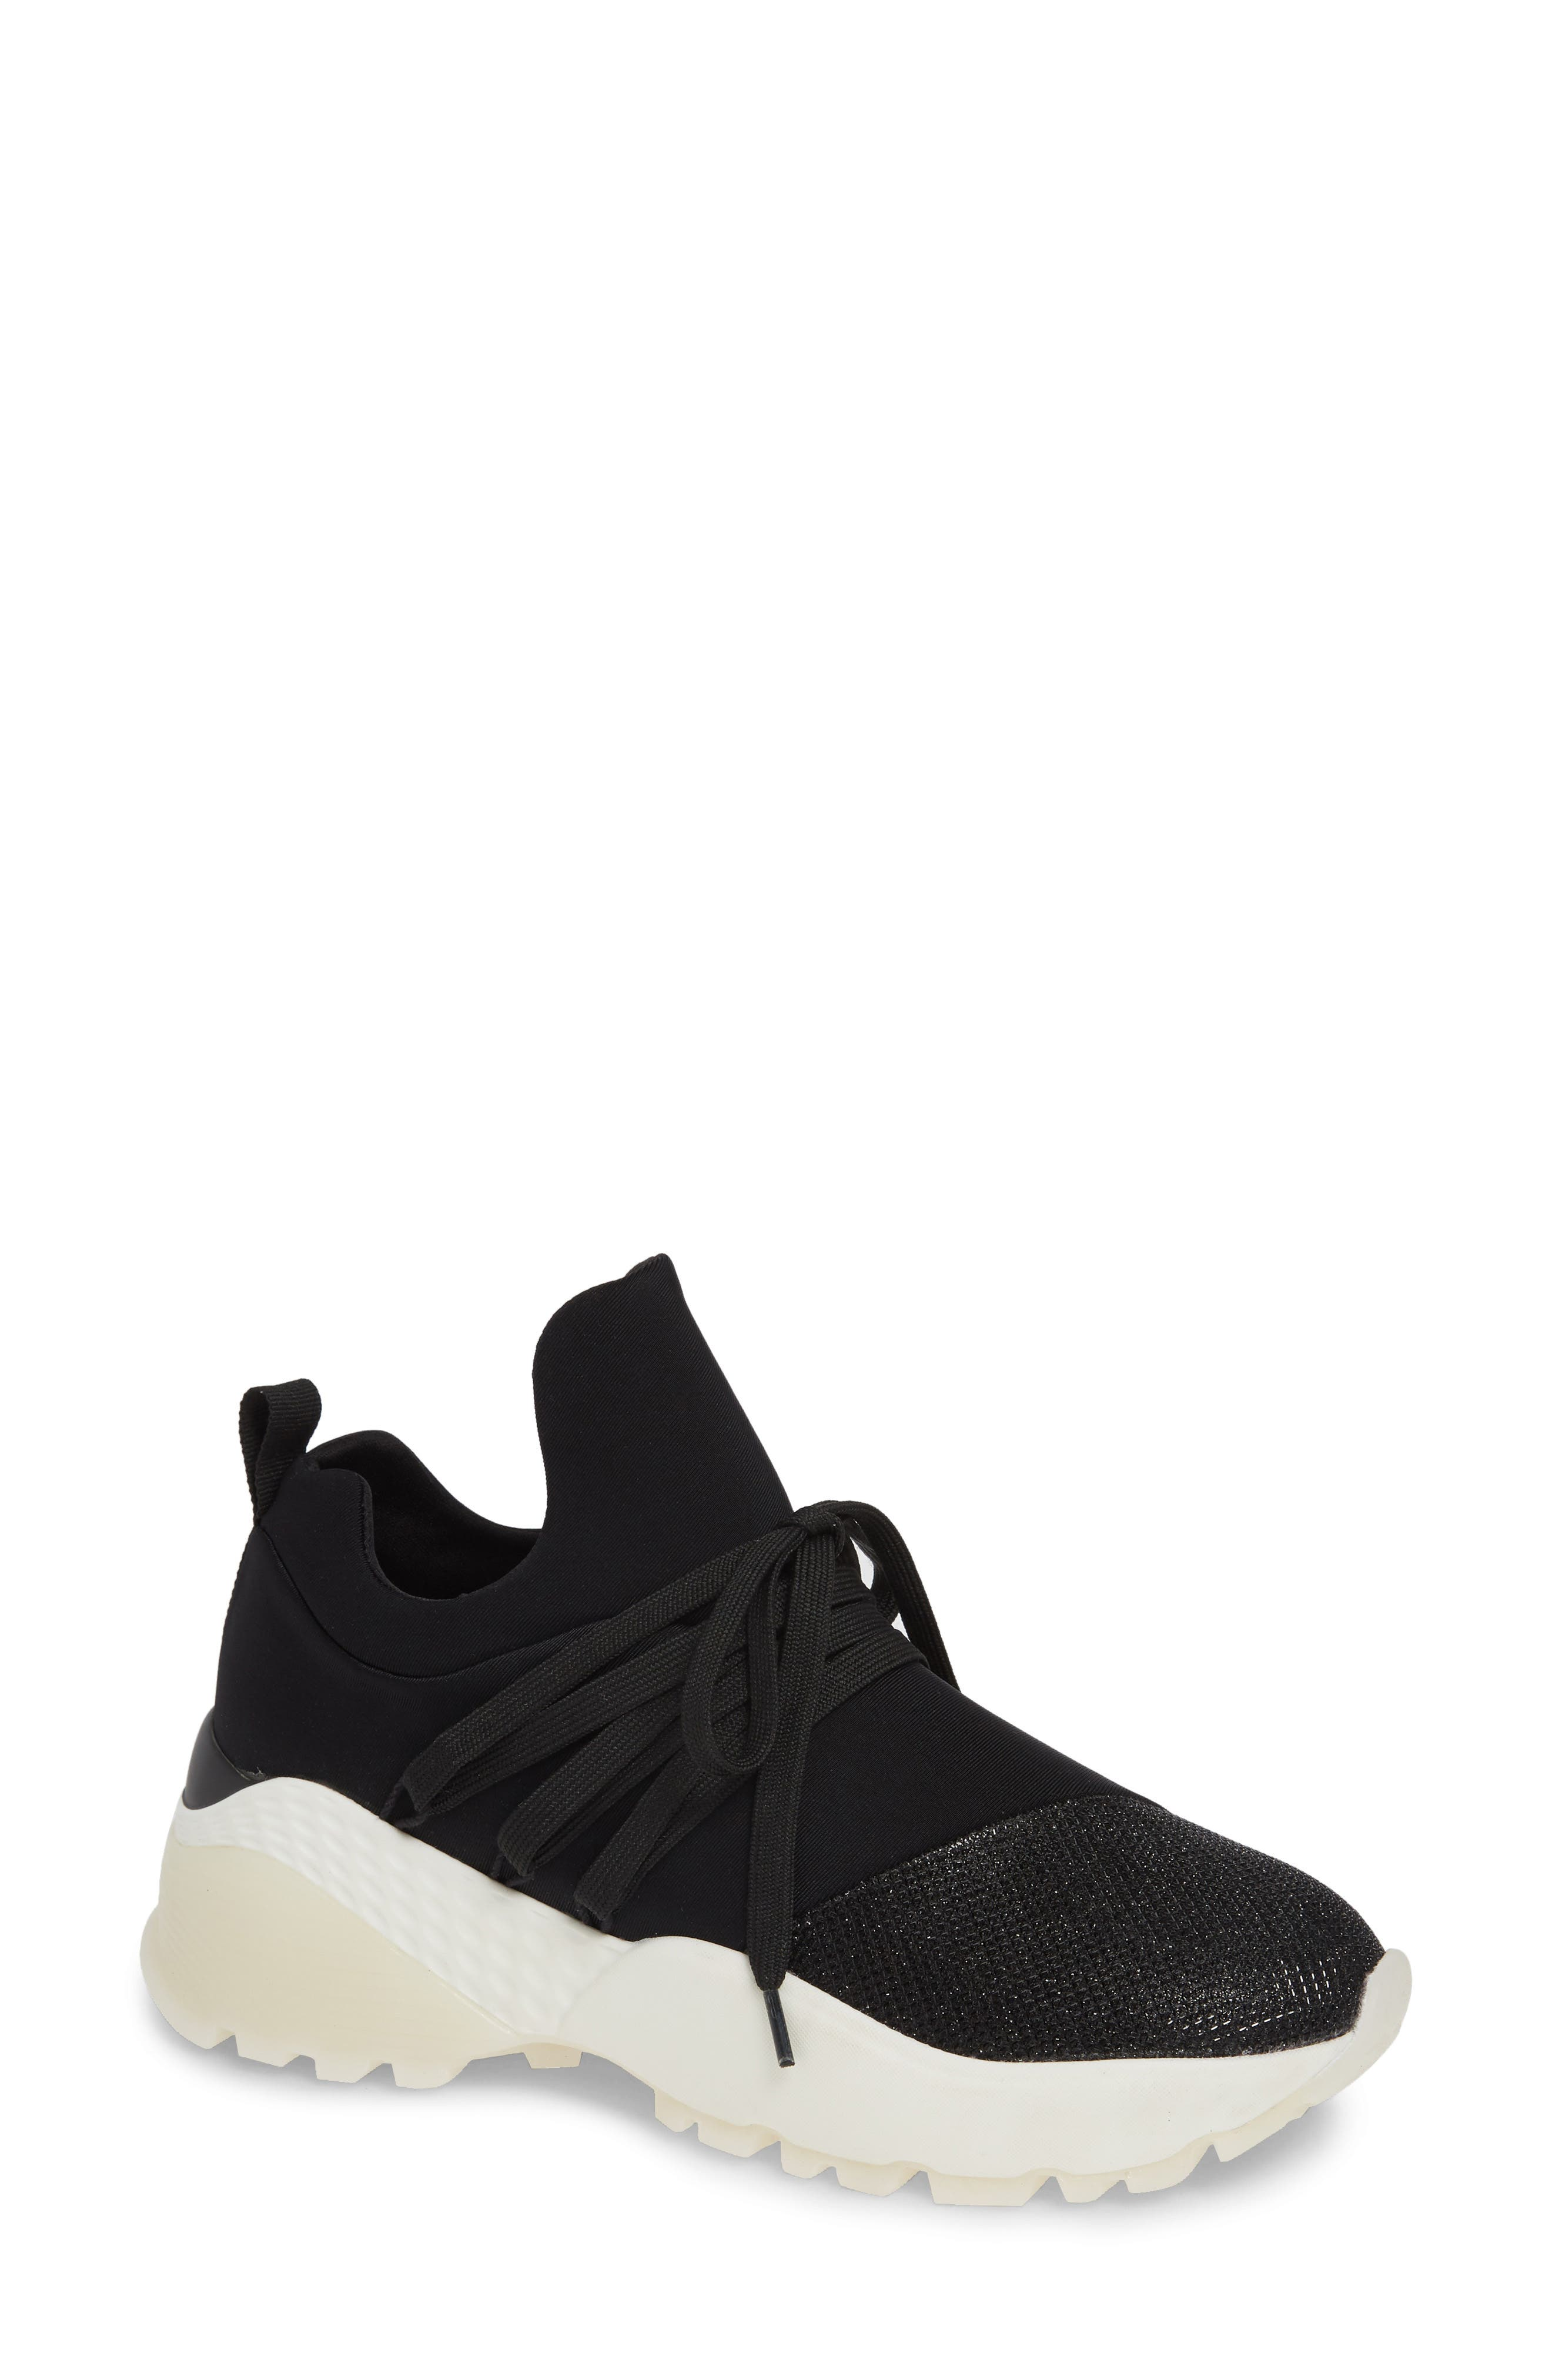 Jslides Morrow Slip-On Sneaker, Black